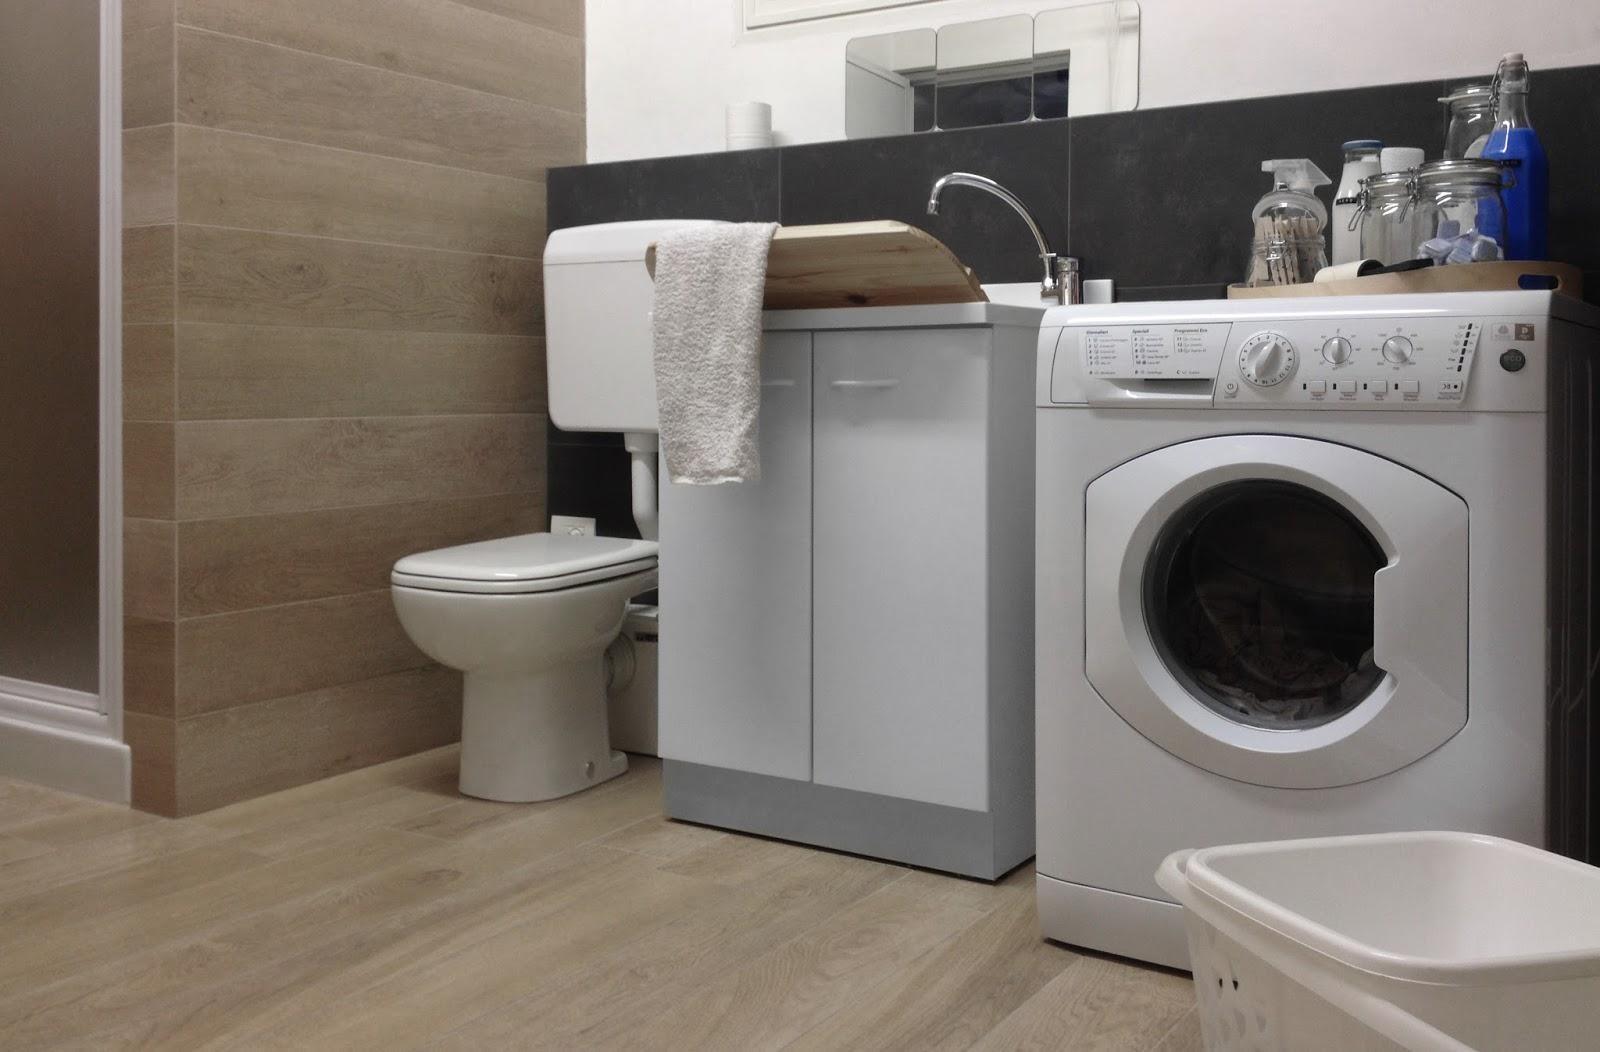 Mobili Da Bagno Ikea : Bagno e lavanderia ikea lavatoio lavanderia ikea top bagni ikea